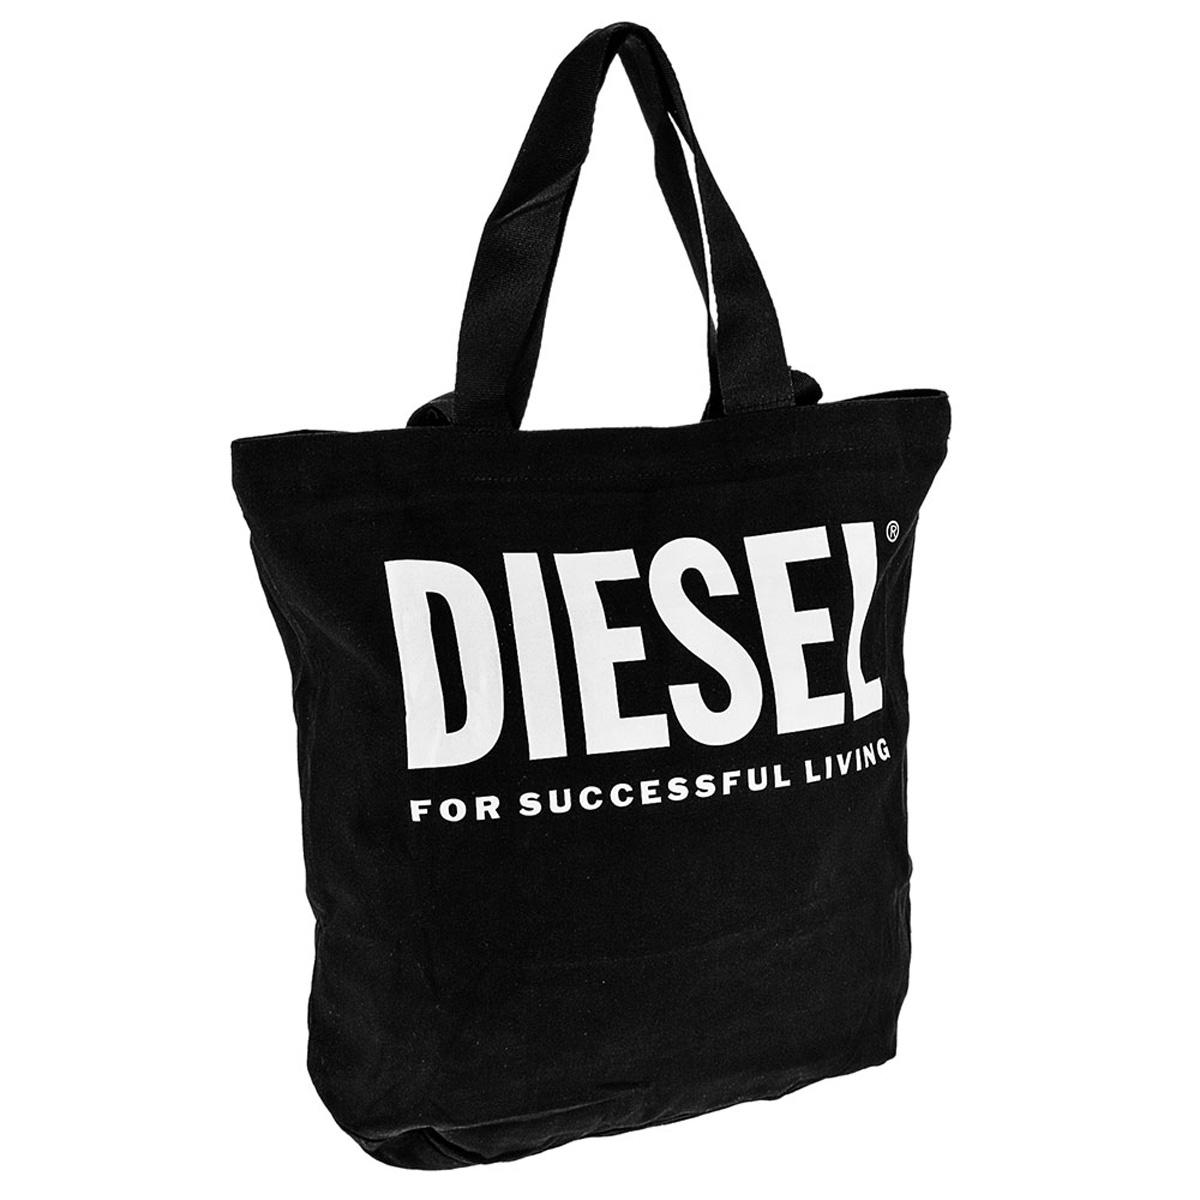 ディーゼル DIESEL バッグ X06659 PR014 T8013 LYVENZA トートバッグ ショルダーバッグ 手提げバッグ BLACK/WHITE ブラック+ホワイト